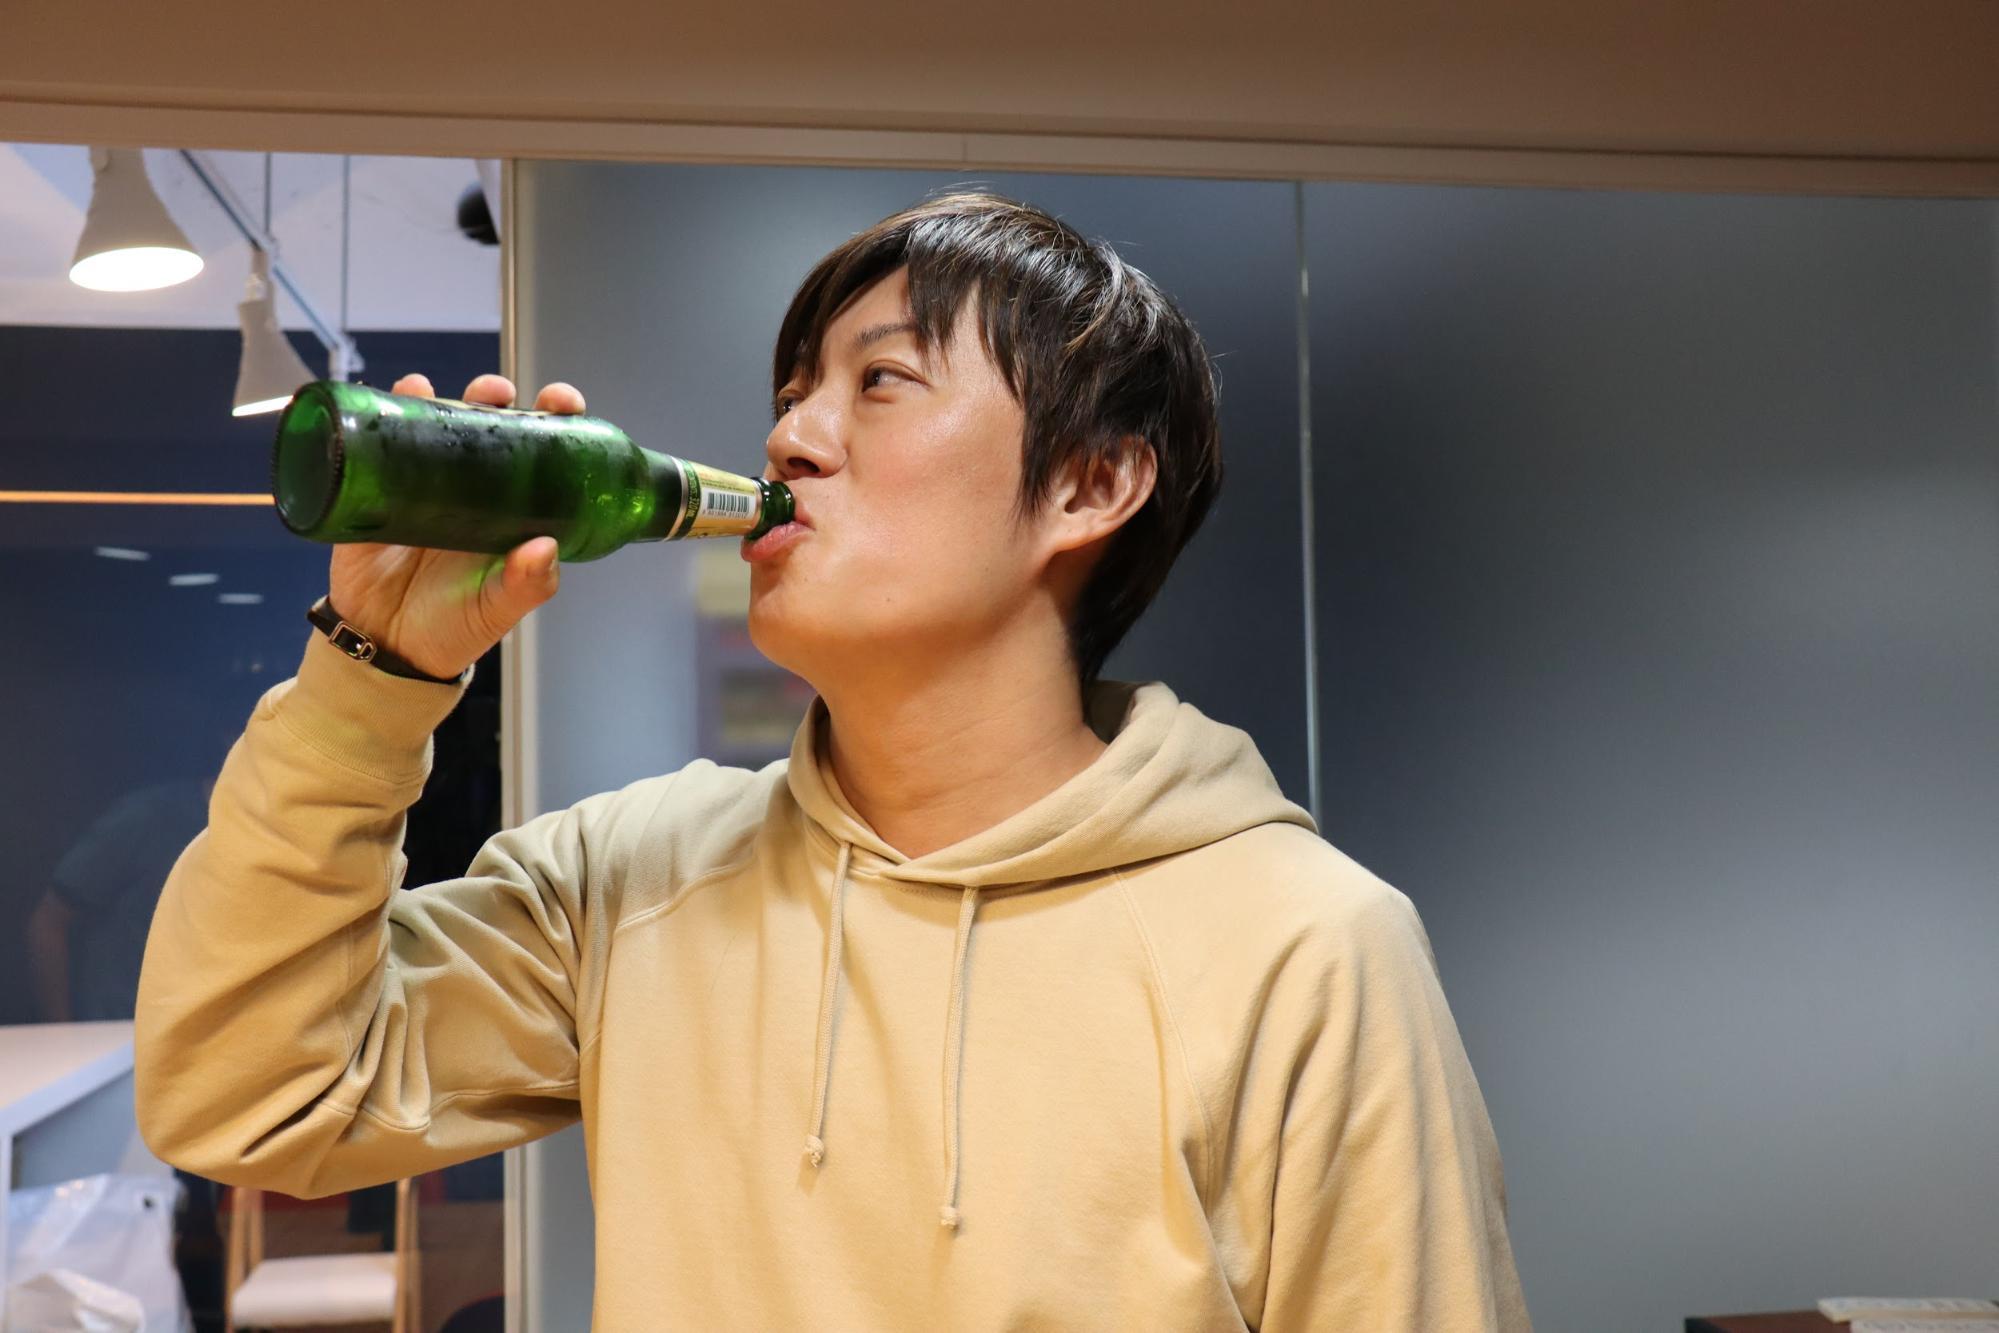 鶴目さんも飲む飲む